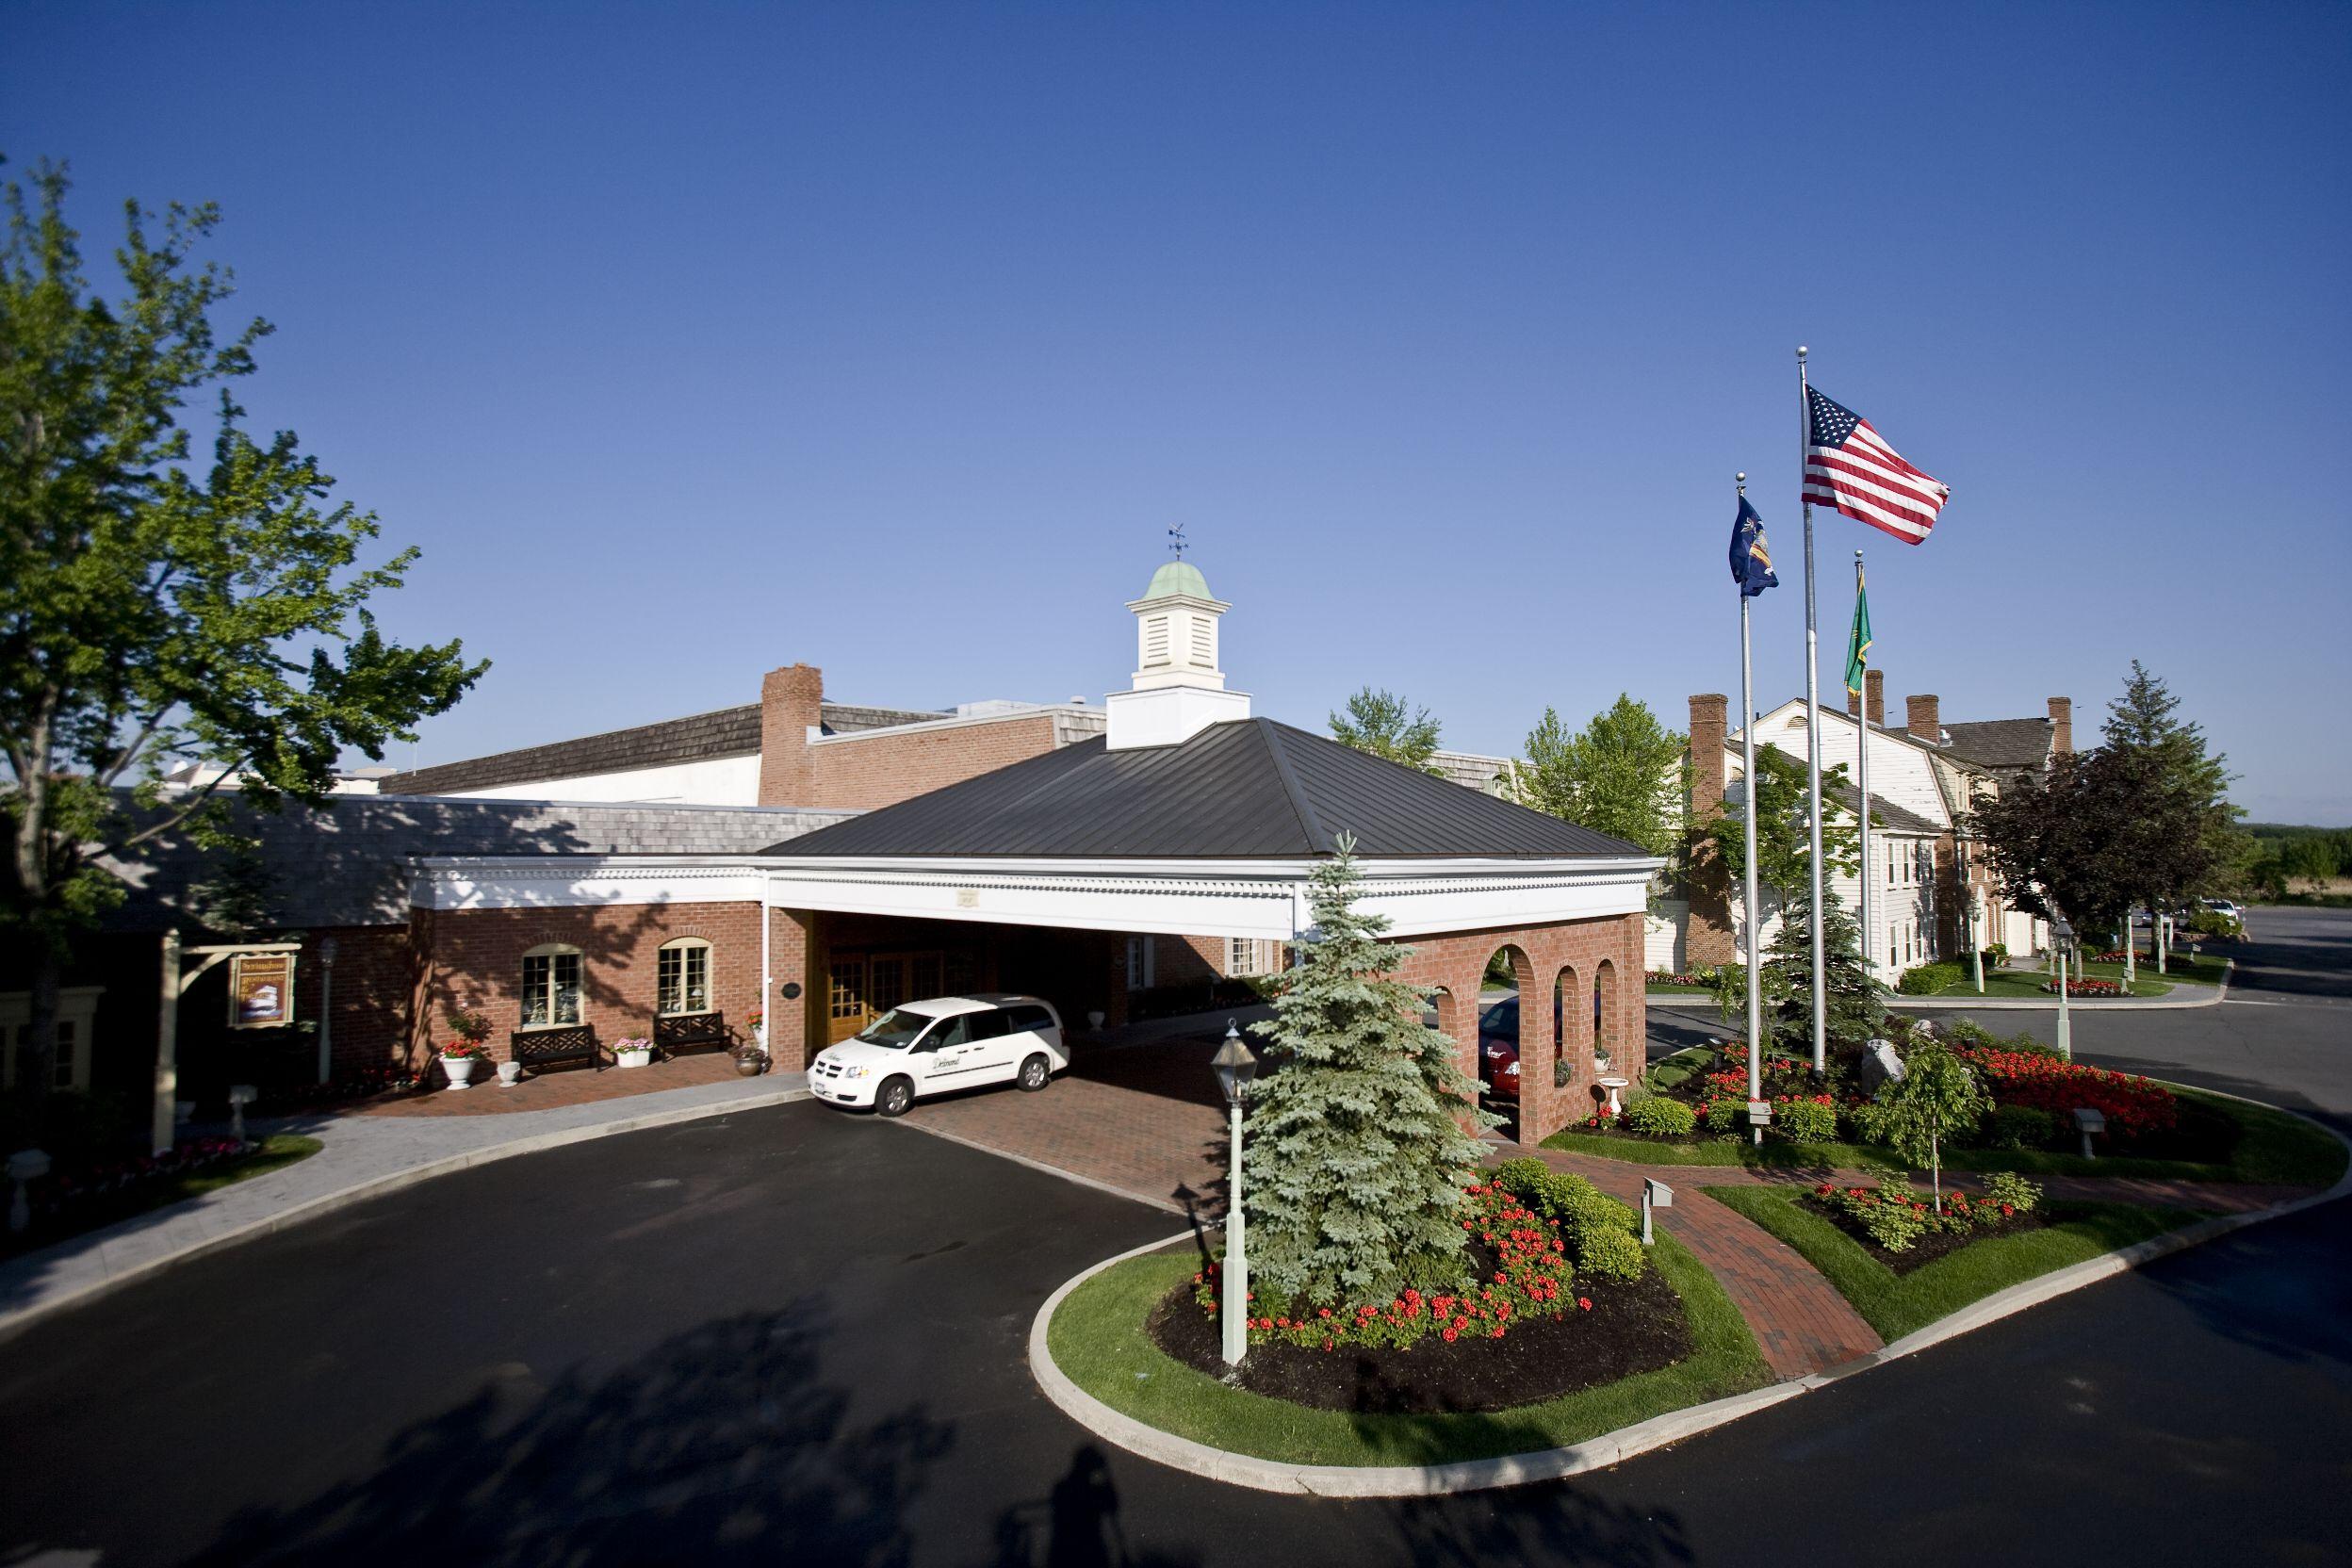 Desmond Hotel